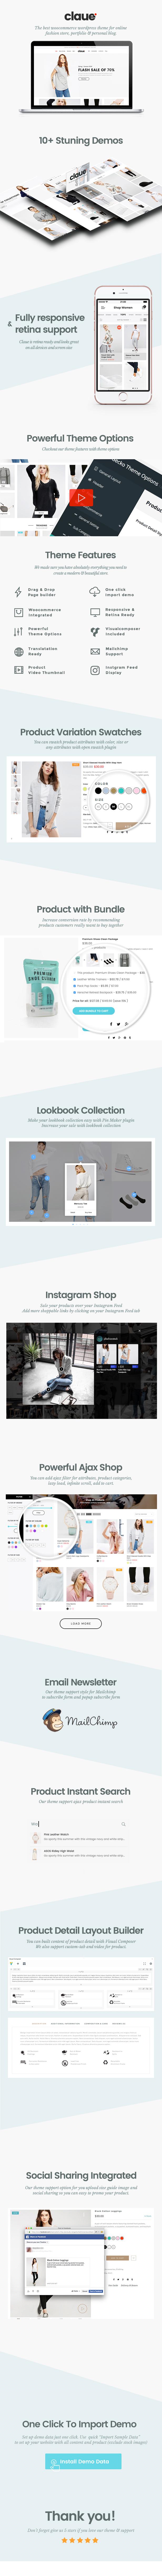 description image1 - Claue - Clean, Minimal Elementor WooCommerce Theme